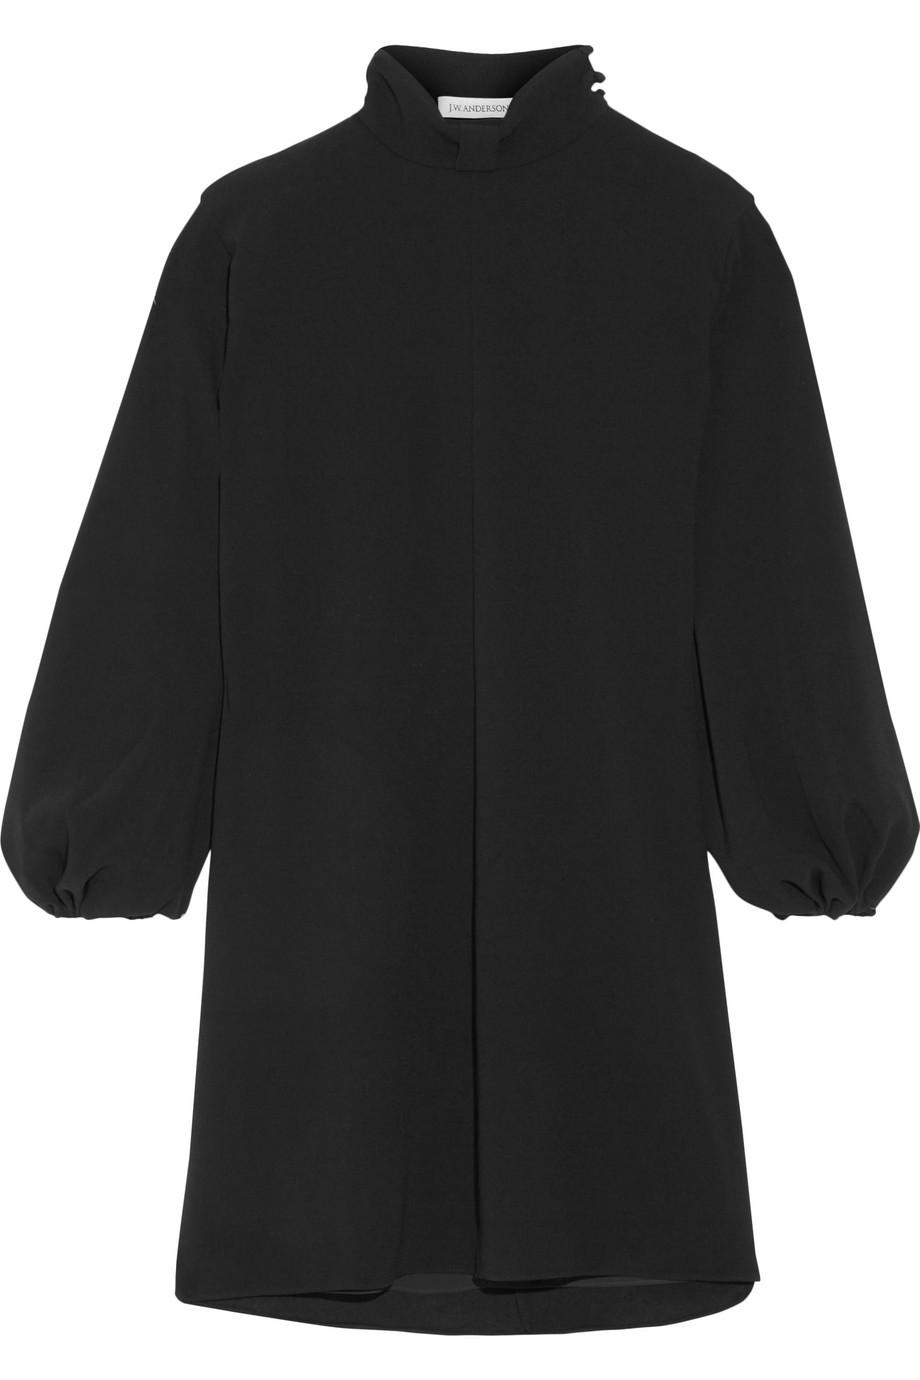 J.W.Anderson Oversized Crepe Dress, Black, Women's, Size: 14